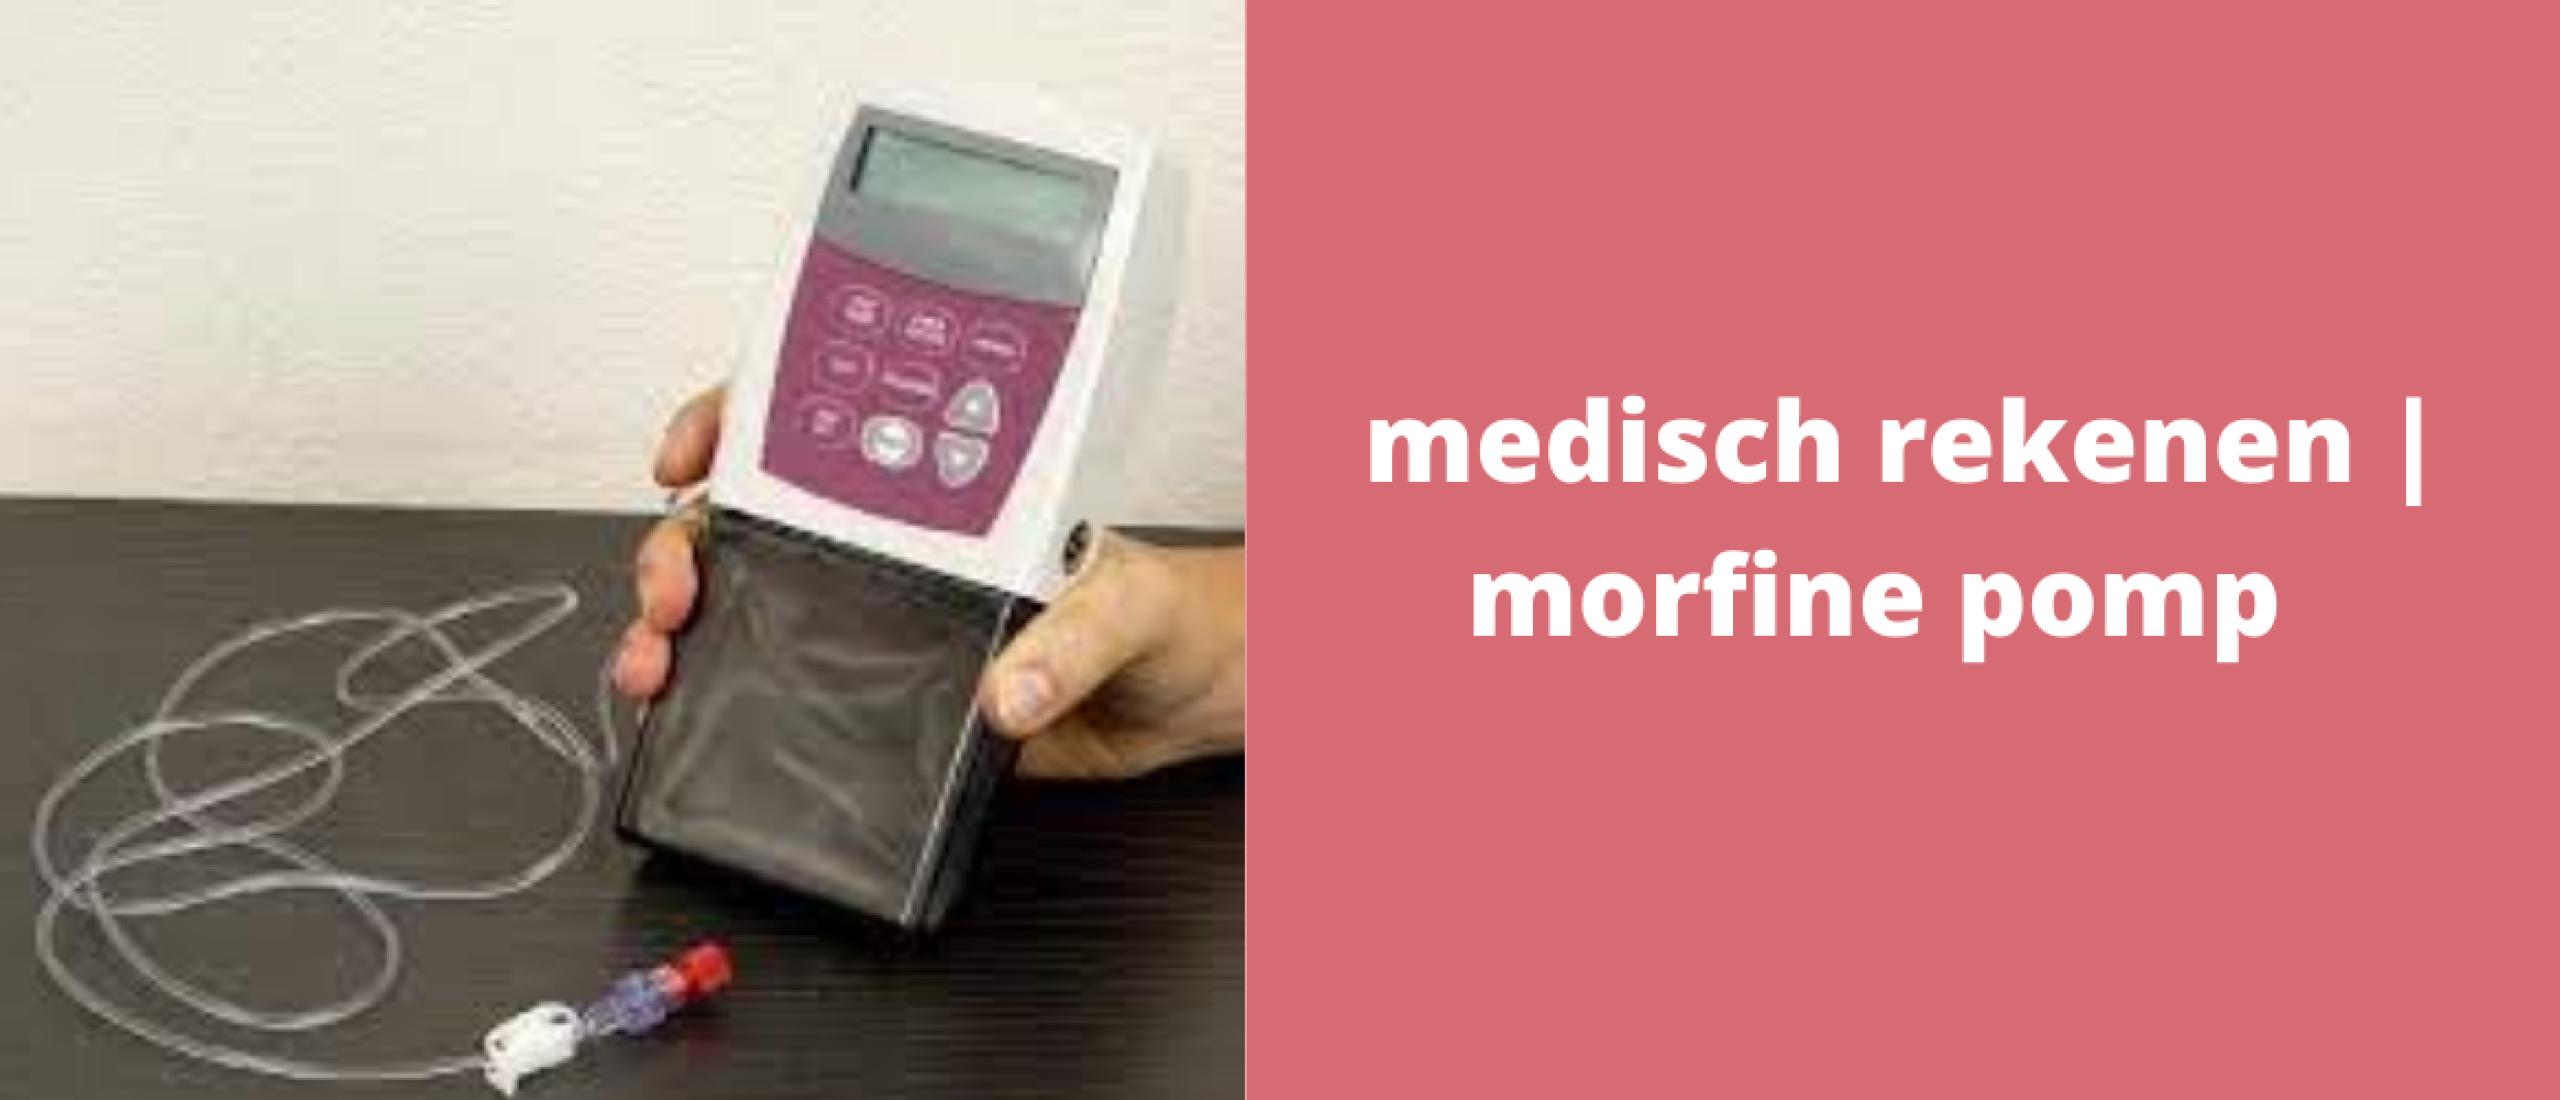 medisch rekenen | morfine pomp